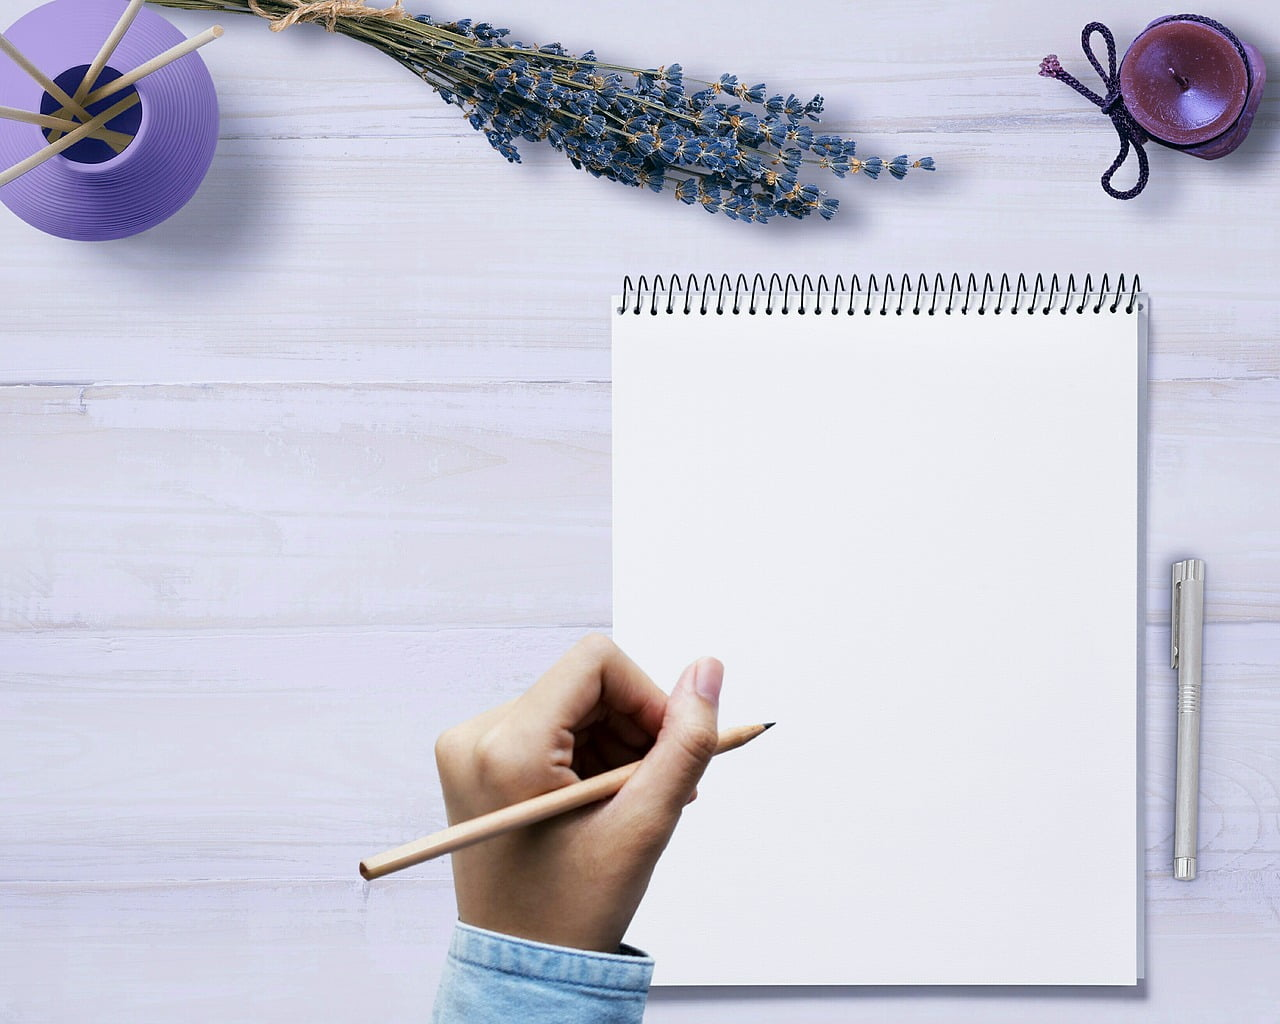 notatnik na stole, dłoń z ołówkiem pisze list, obok lawenda i świeca